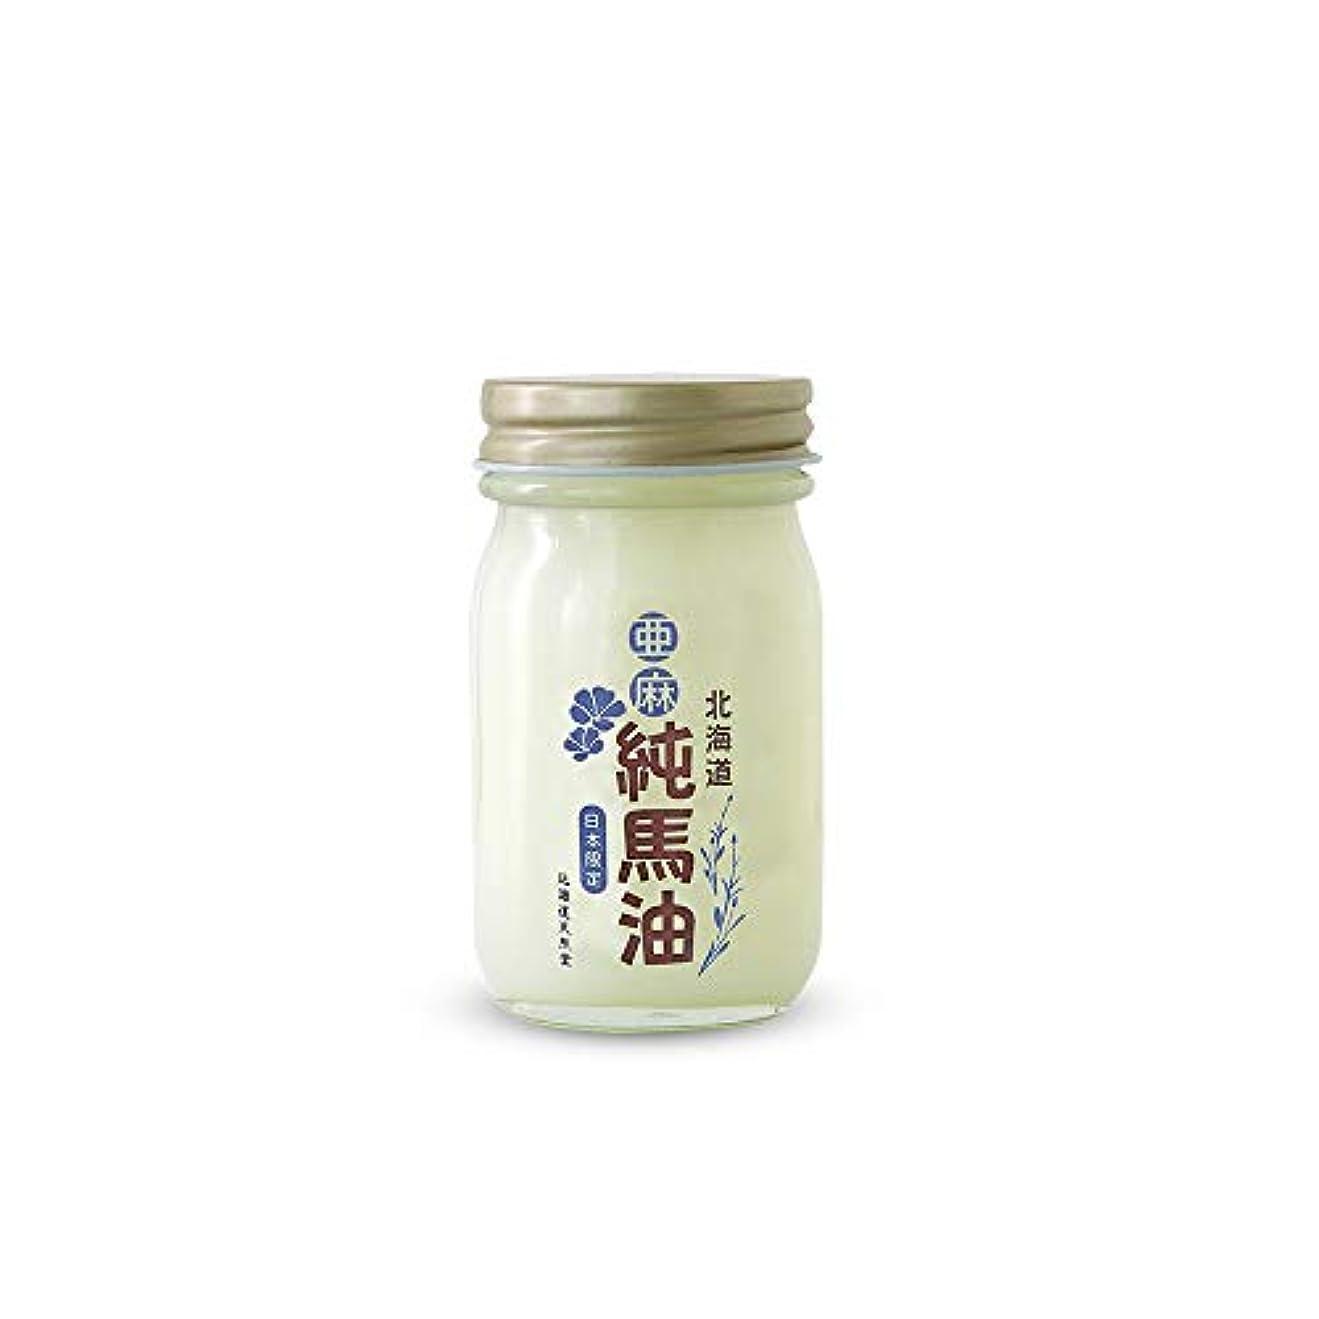 骨チョーク破滅アマ純馬油 80g / 北海道天然堂